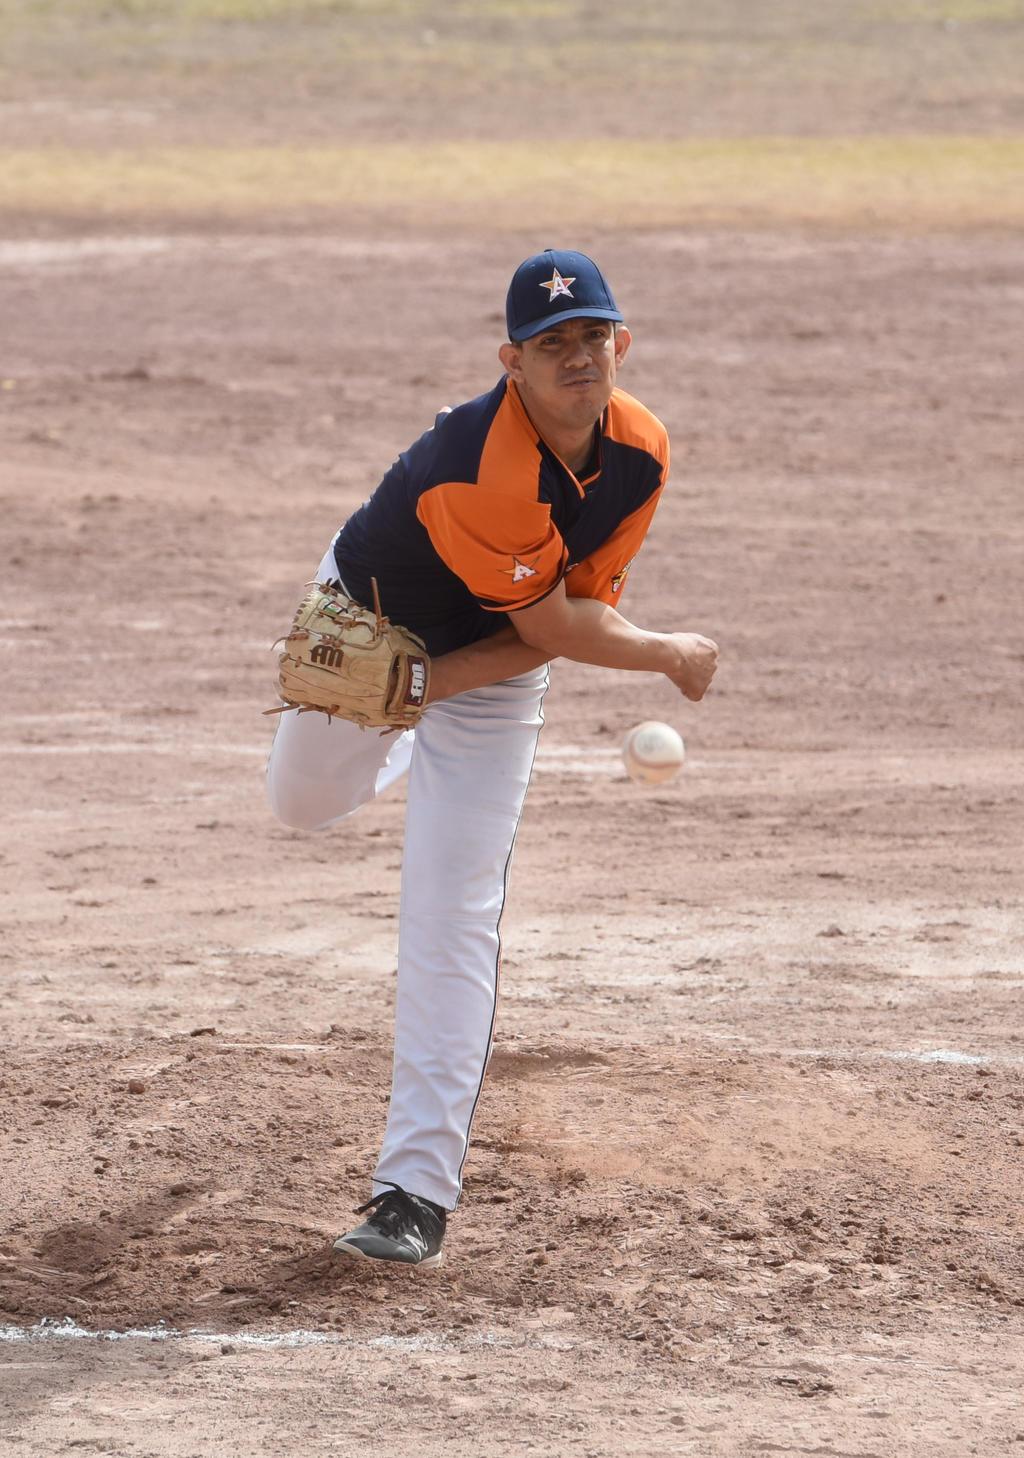 Liga de Beisbol de Empleados y Profesionistas, con jornada interrumpida por la lluvia